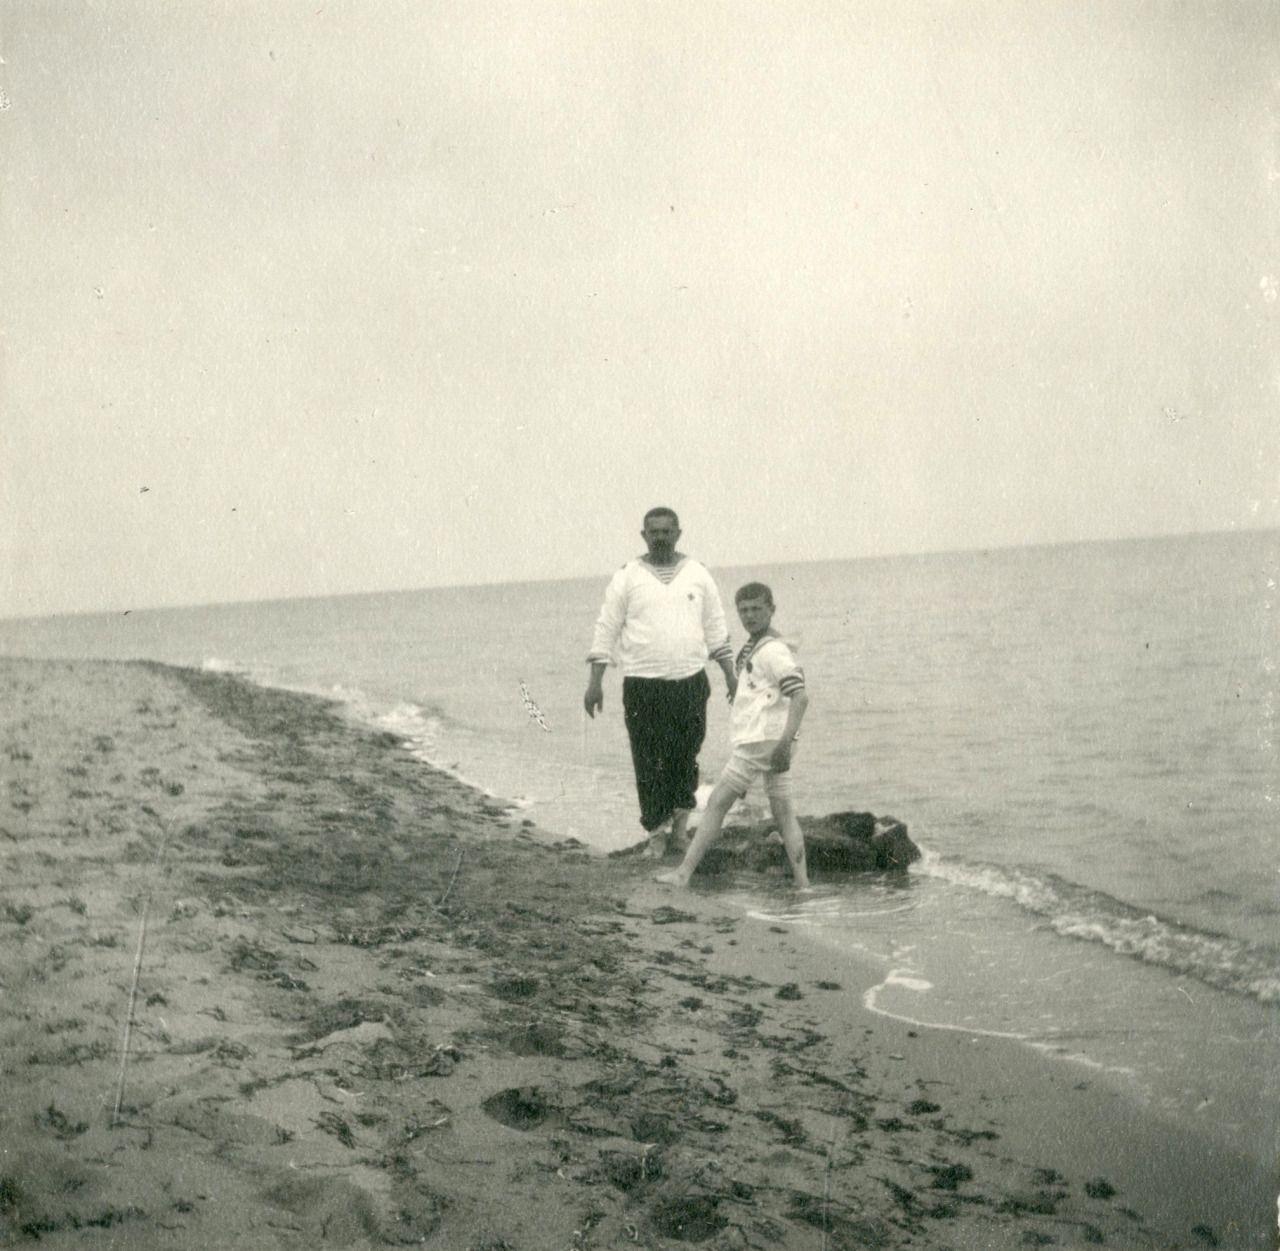 """Алексей Николаевич и Деревенько (?) на даче """"Мечта"""". Евпатория, 16 мая 1916 года. ГА РФ, ф. 683 оп. 1 д. 125 л. 8 фото..."""